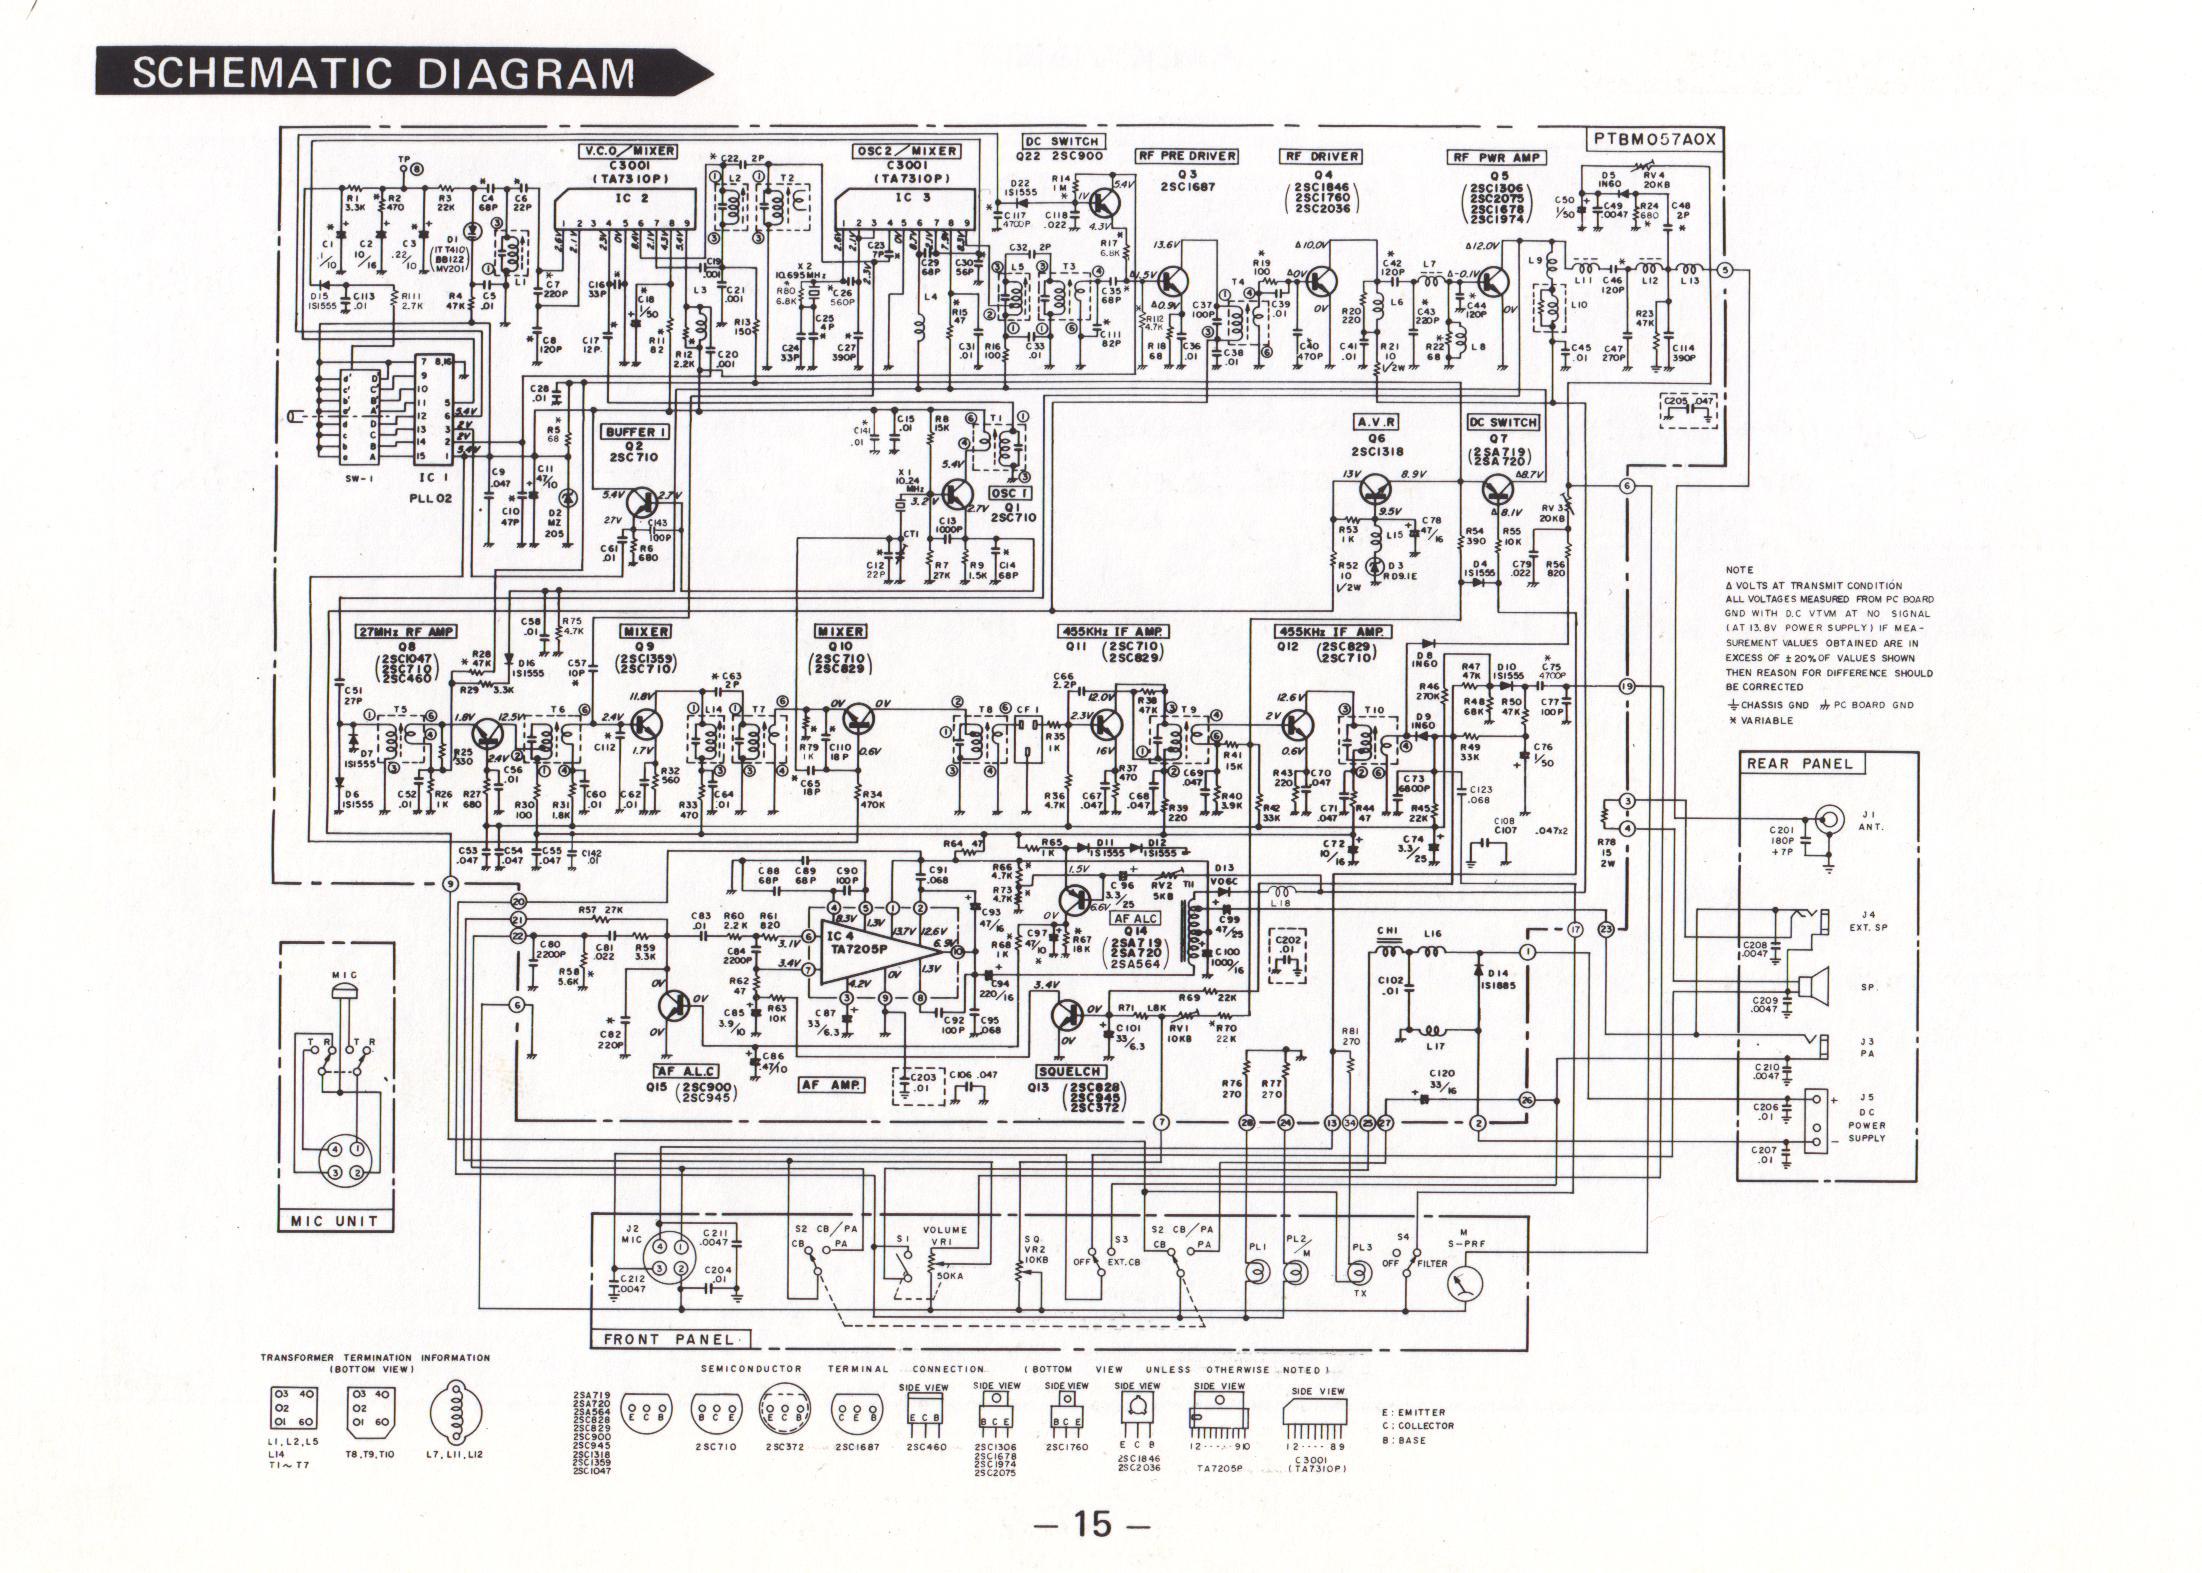 motorola radius pinout diagram pinouts lt1 to ls1 wiring harness Cm300 Radio  Motorola Radio Accessories Motorola XPR6550 Motorola Radius M1225